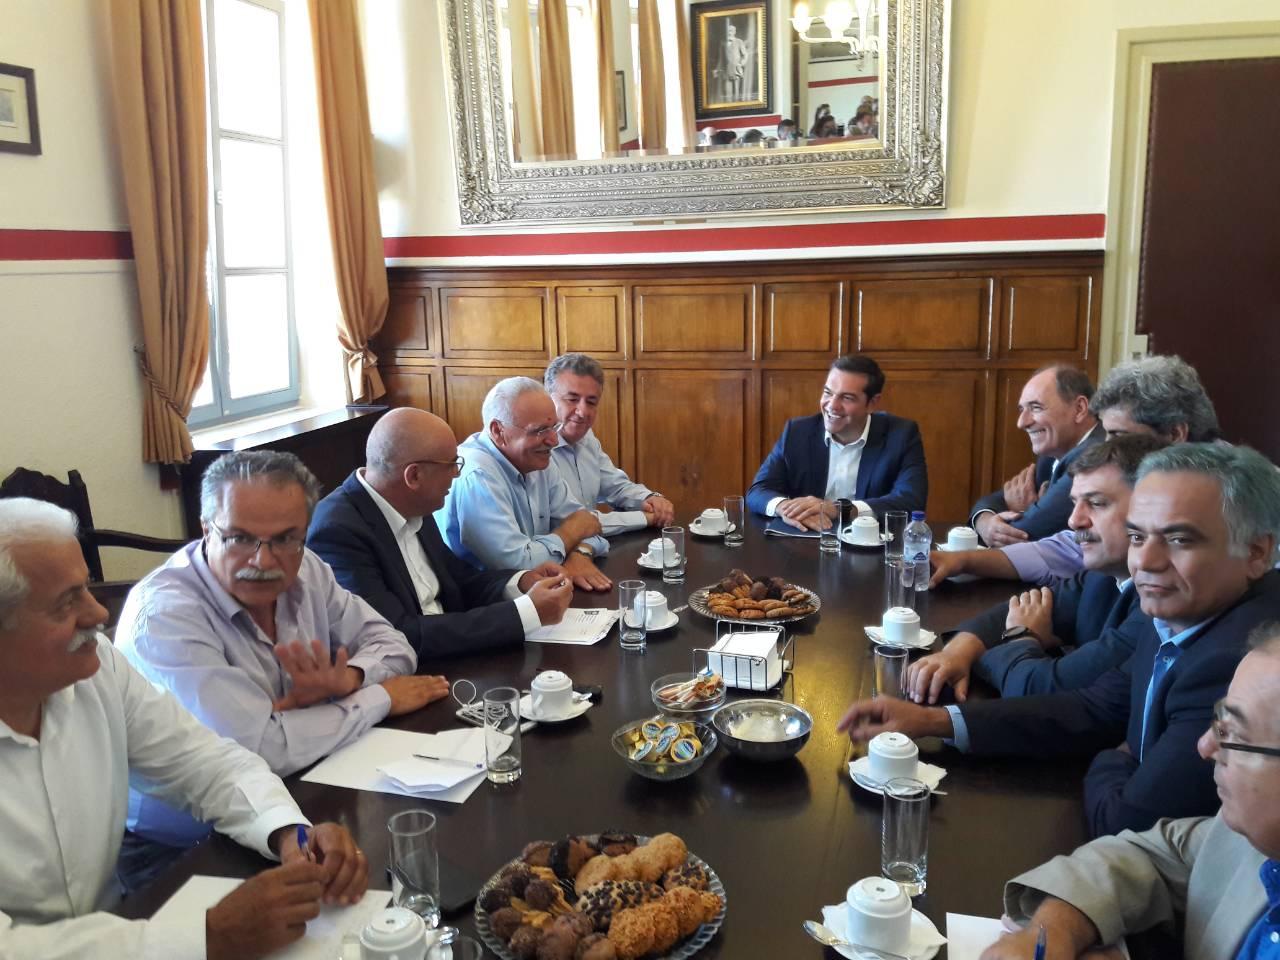 tsipras-meta-ti-lixi-ton-mnimonion-archizoyme-na-pairnoyme-anases-fotografies3